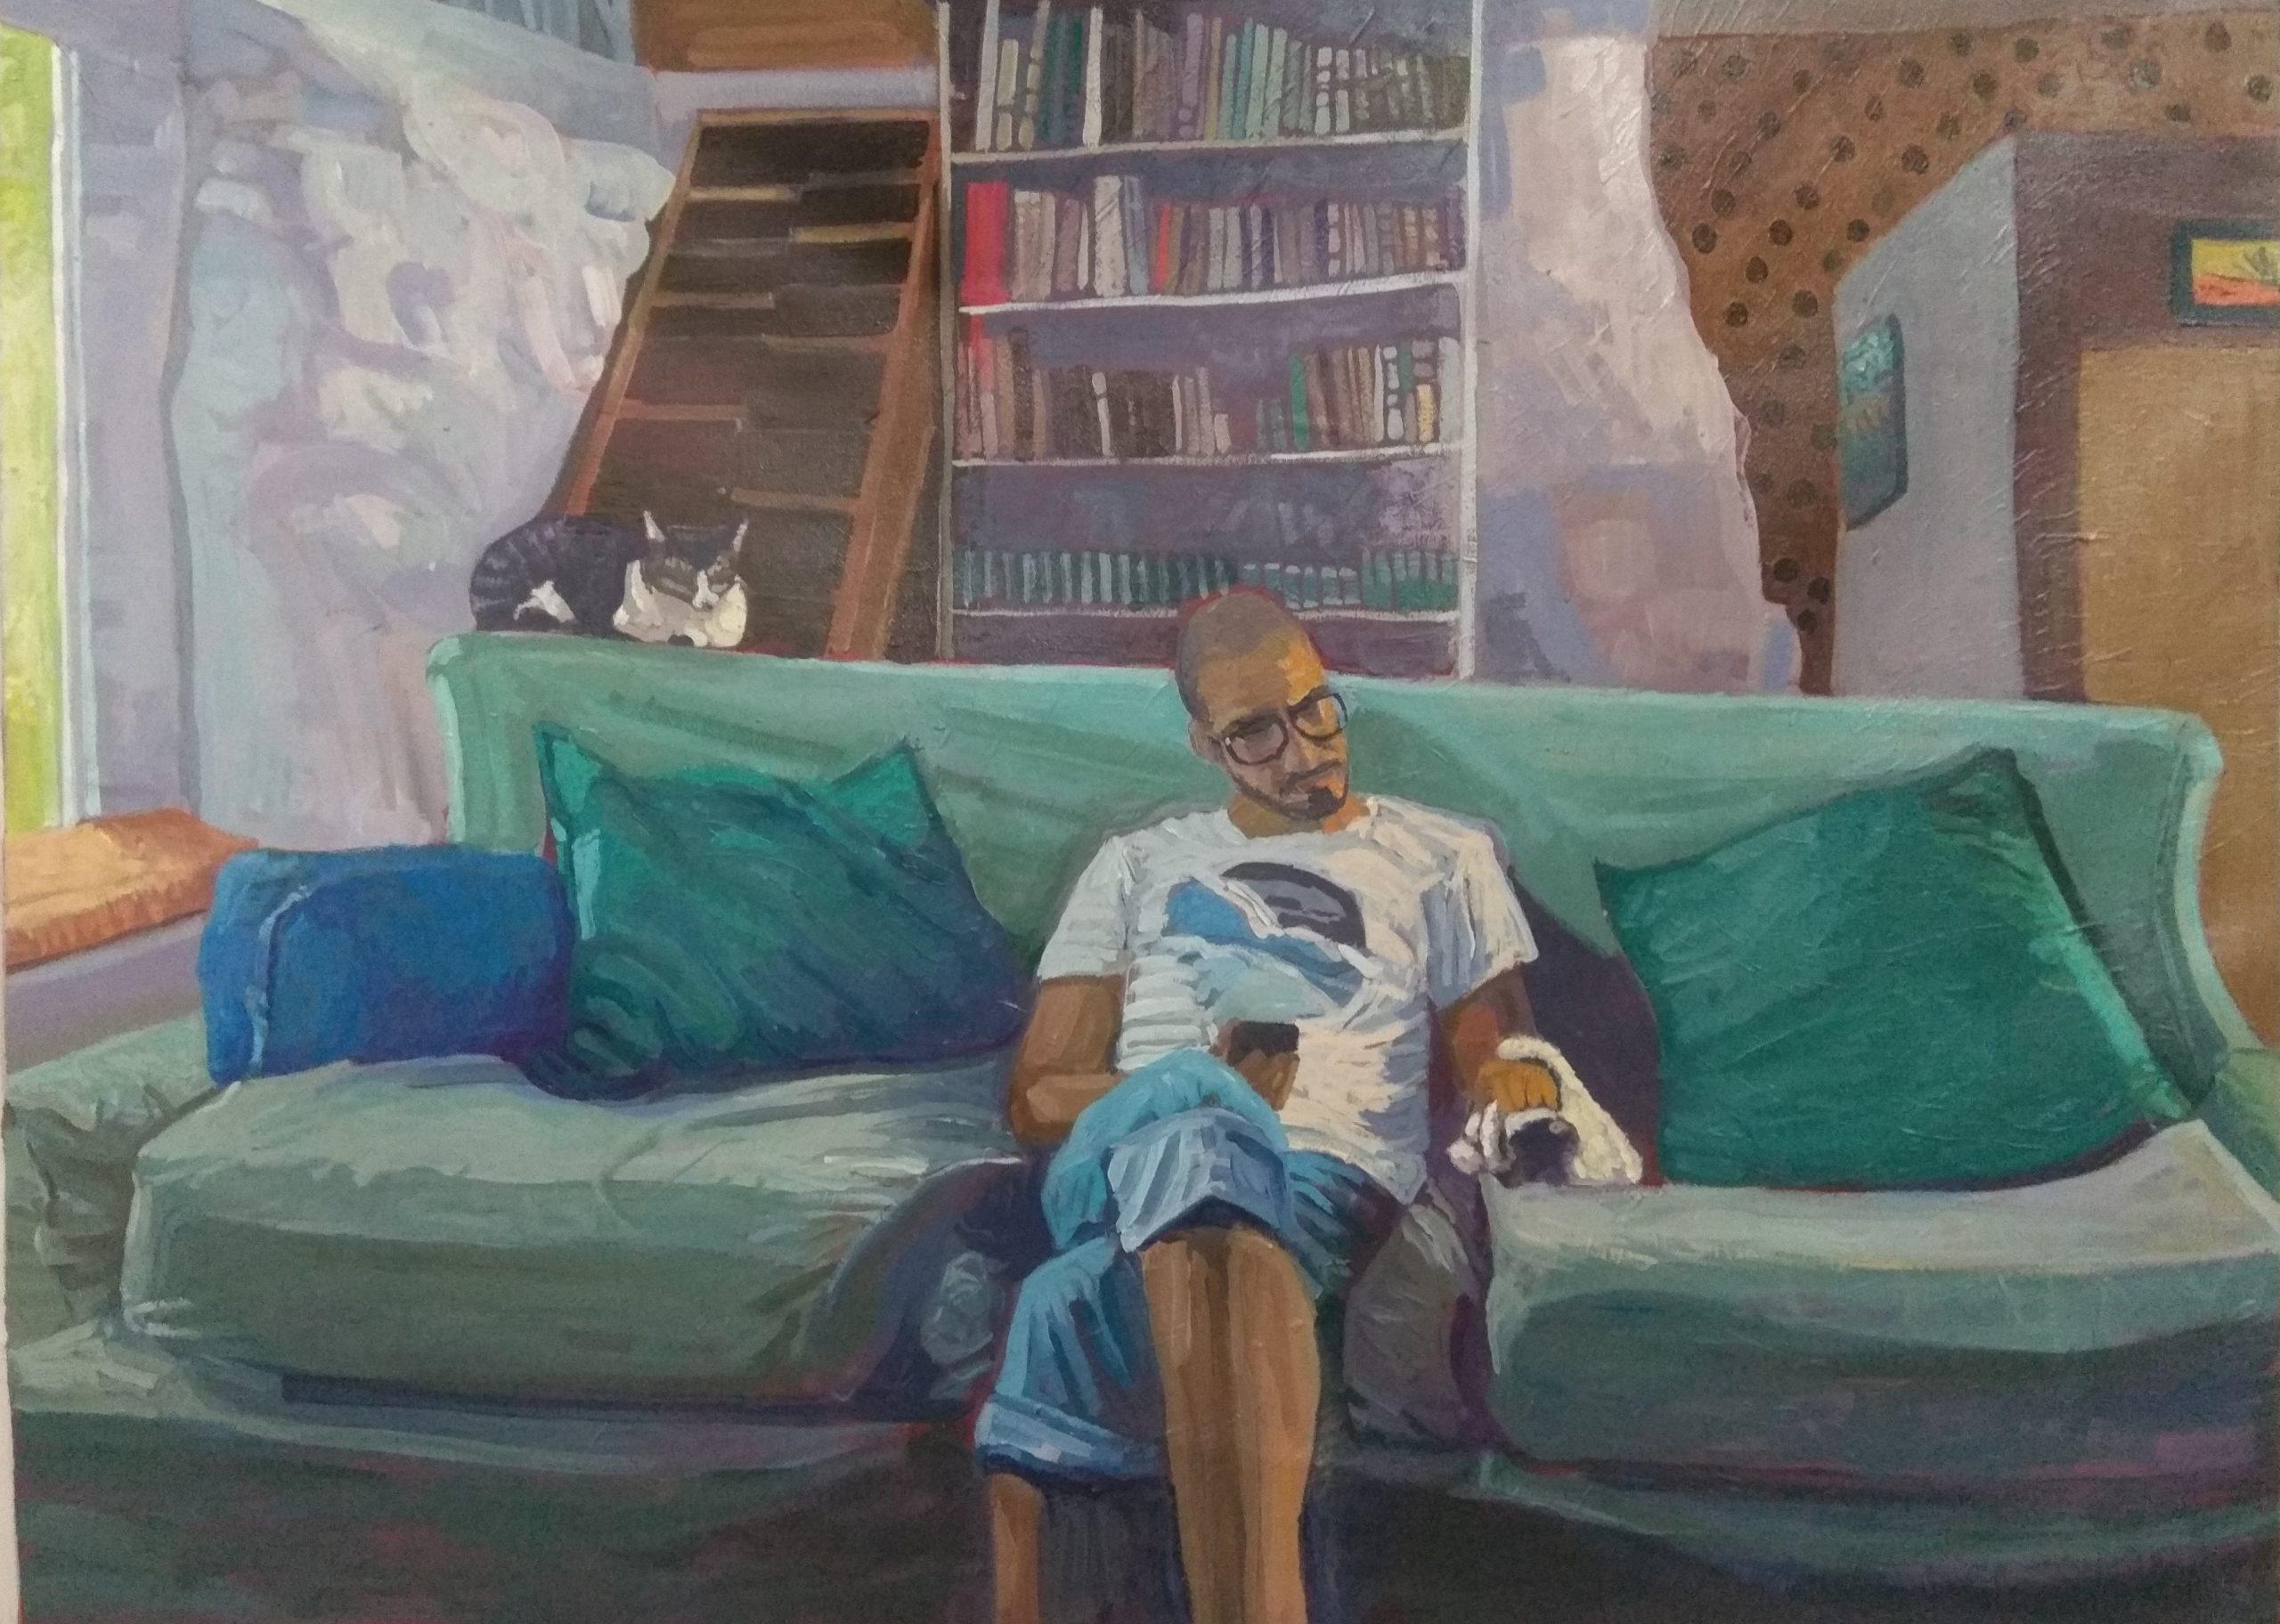 Homenajes a la cotidianidad: En el sofá del estudio.  Técnica: Acrílico. Medidas: 73cmx54cm. Año 2020.